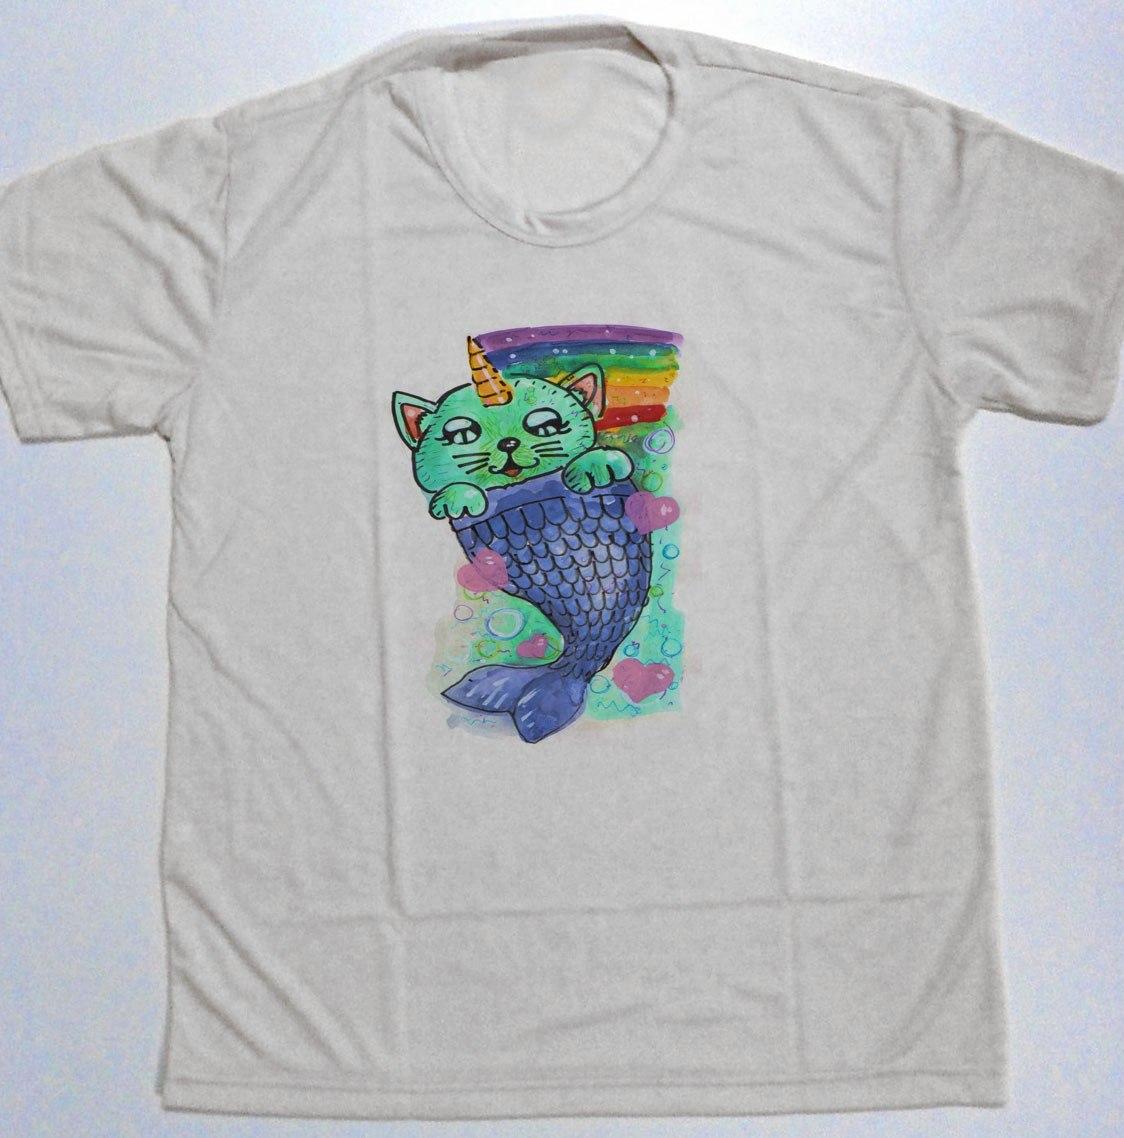 283ee91a6 camiseta masculina gato unicornio sereia arco-iris lgbt et. Carregando zoom.